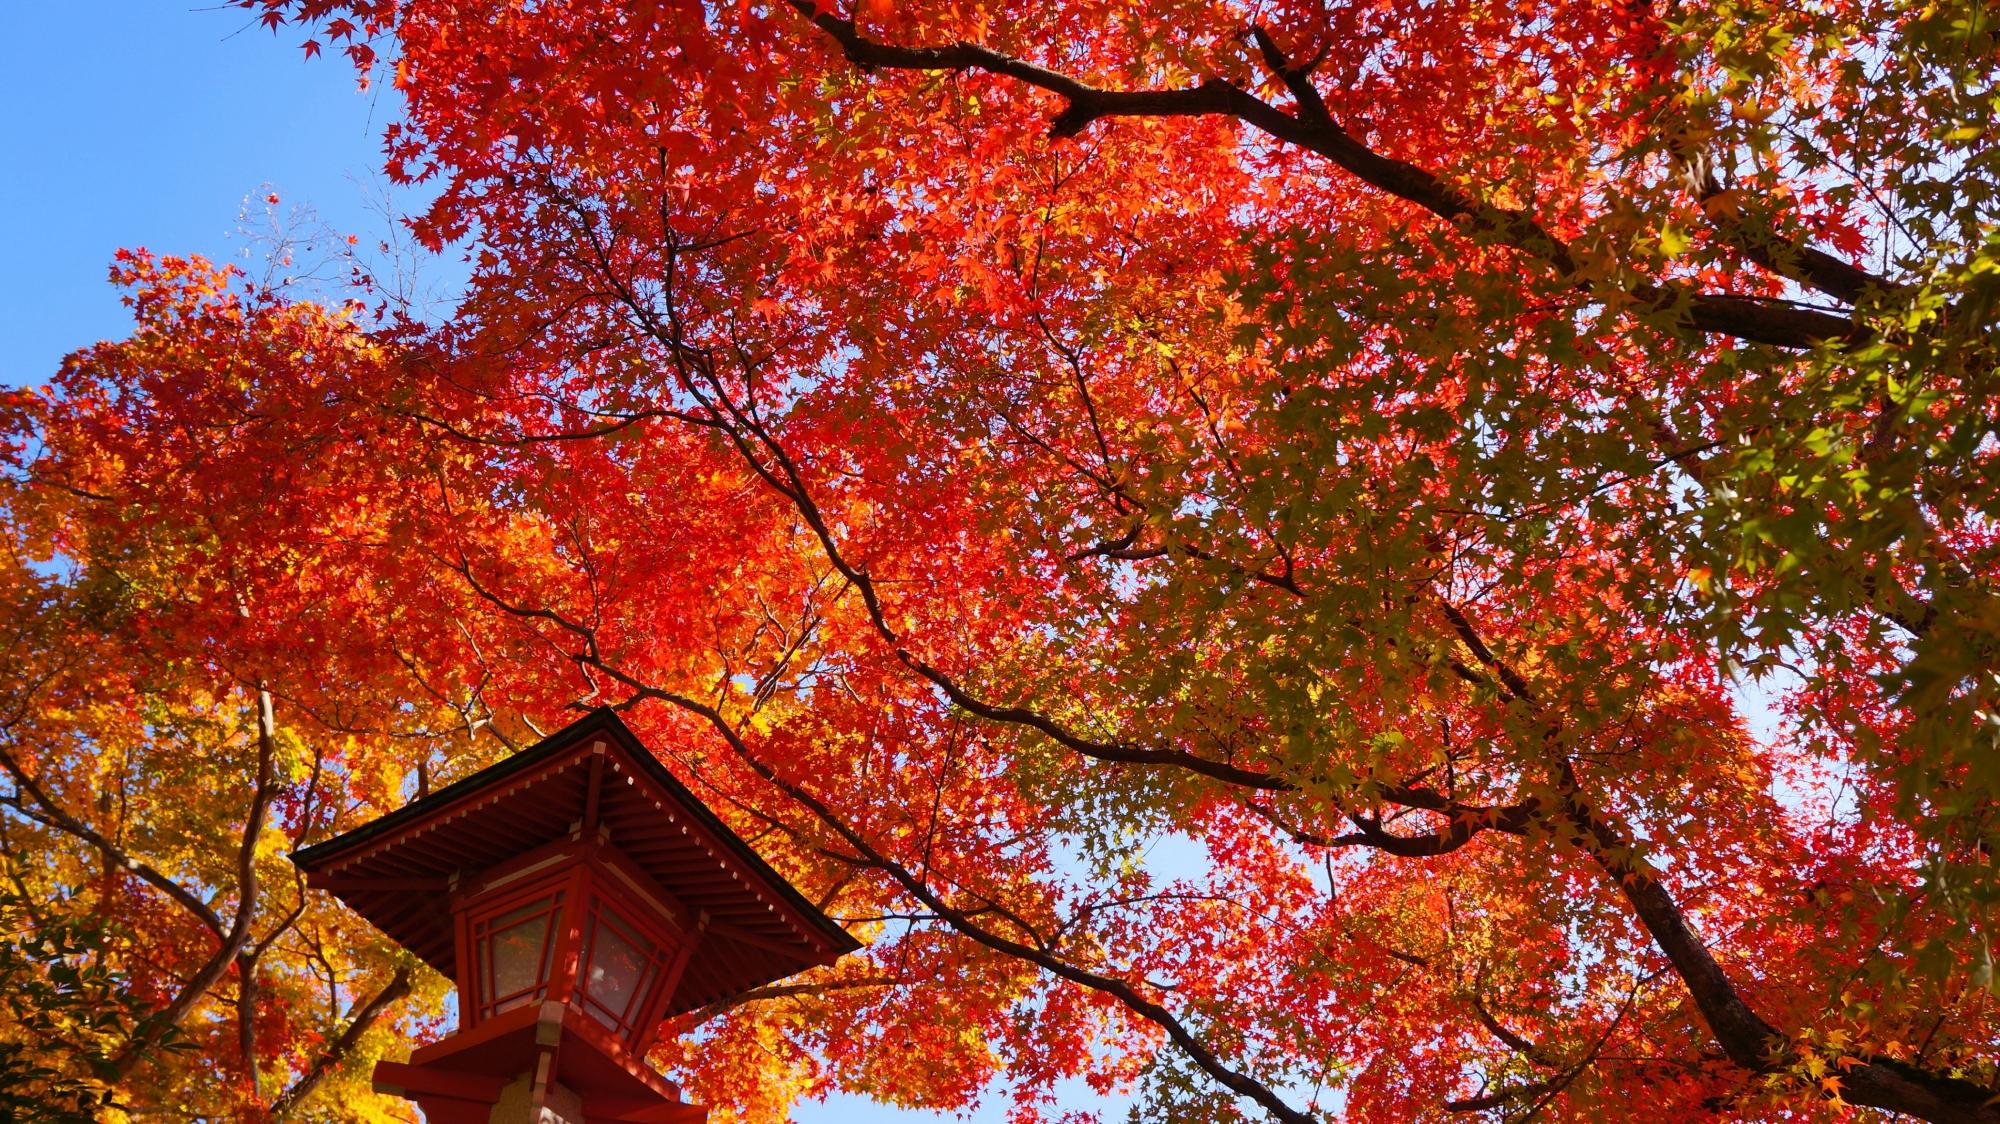 華やかな秋色の空間